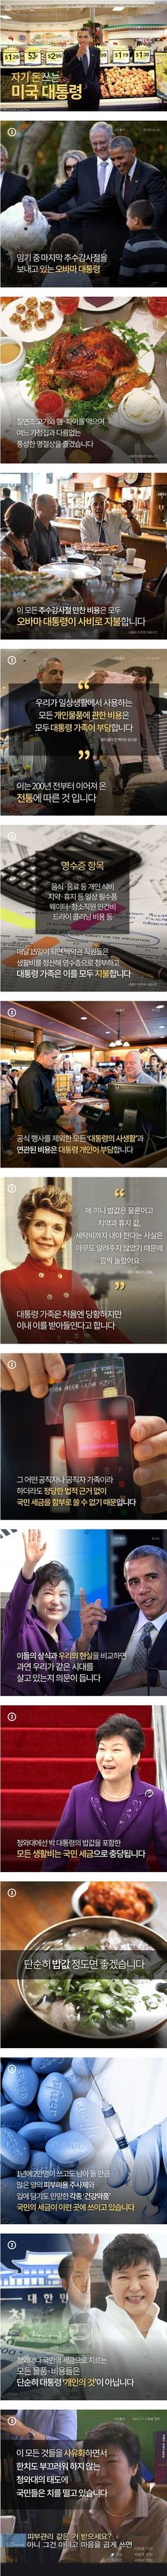 자기 돈 쓰는 오바마.JPG